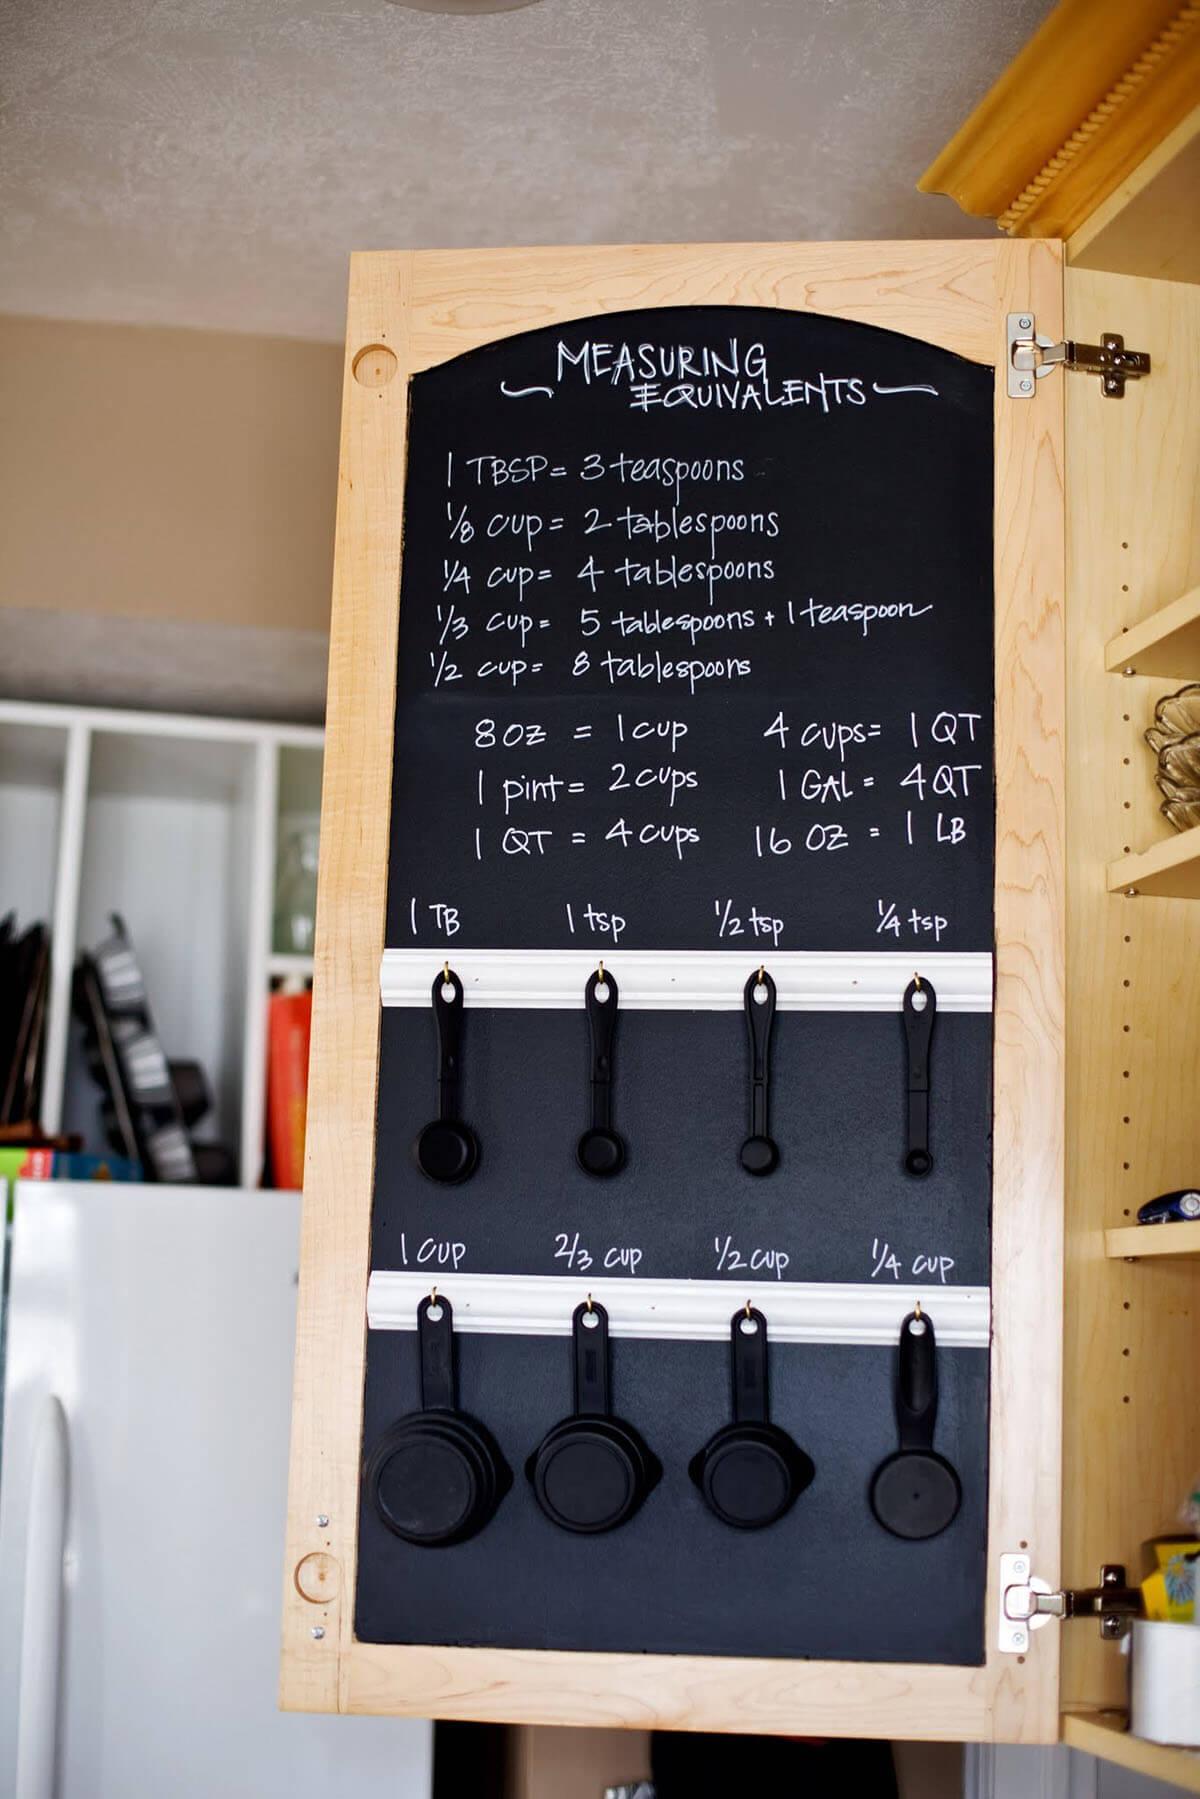 Cabinet Door Chalkboard with Measuring Utensils